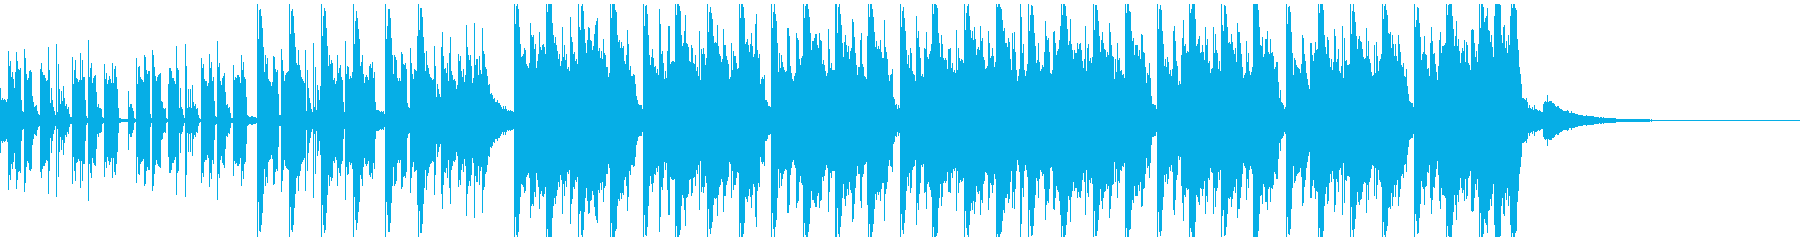 エレクトロスポーツ(30秒)の再生済みの波形